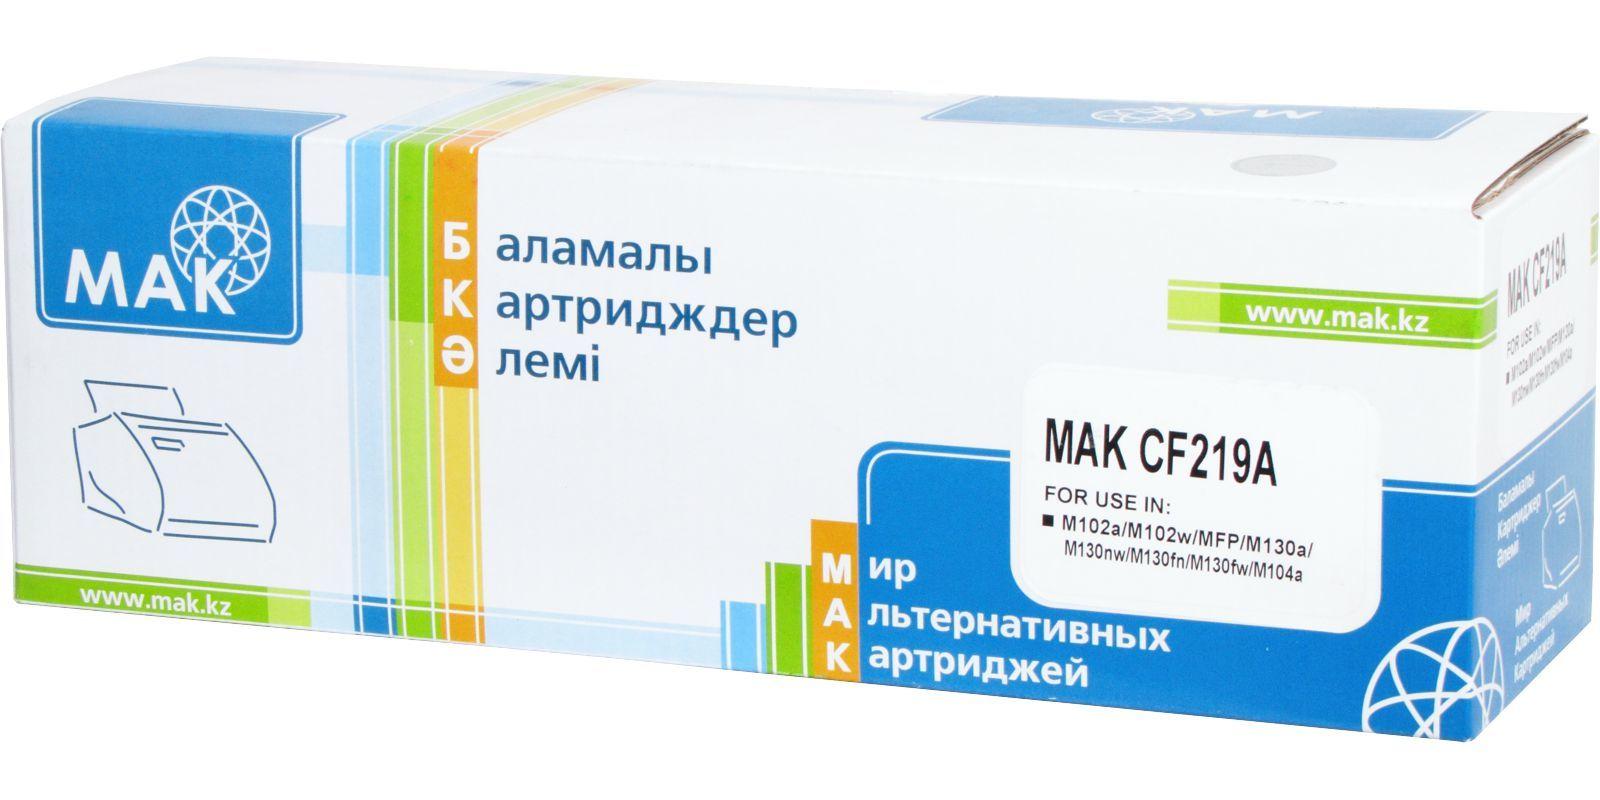 Картридж лазерный MAK© №19A CF219A w/o CHIP DRUM, черный, БЕЗ ЧИПА 12000 стр, для HP